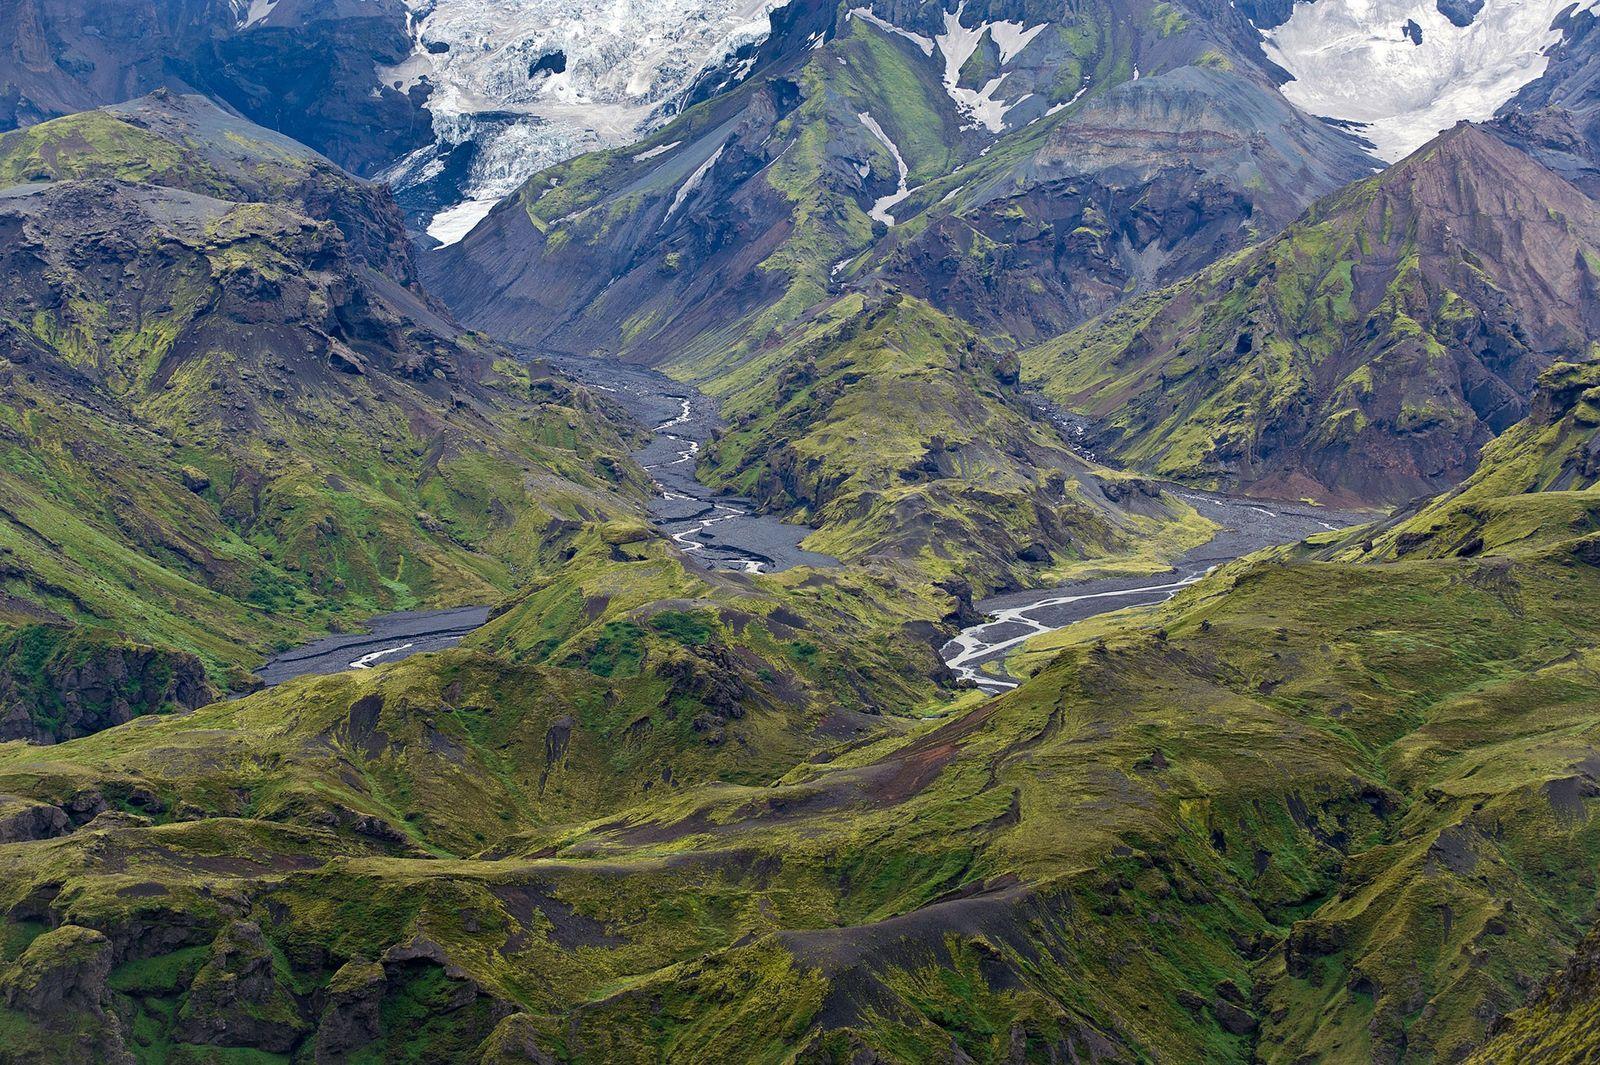 Imagen de la cadena montañosa Thorsmork sobre las lenguas de los glaciares en Islandia